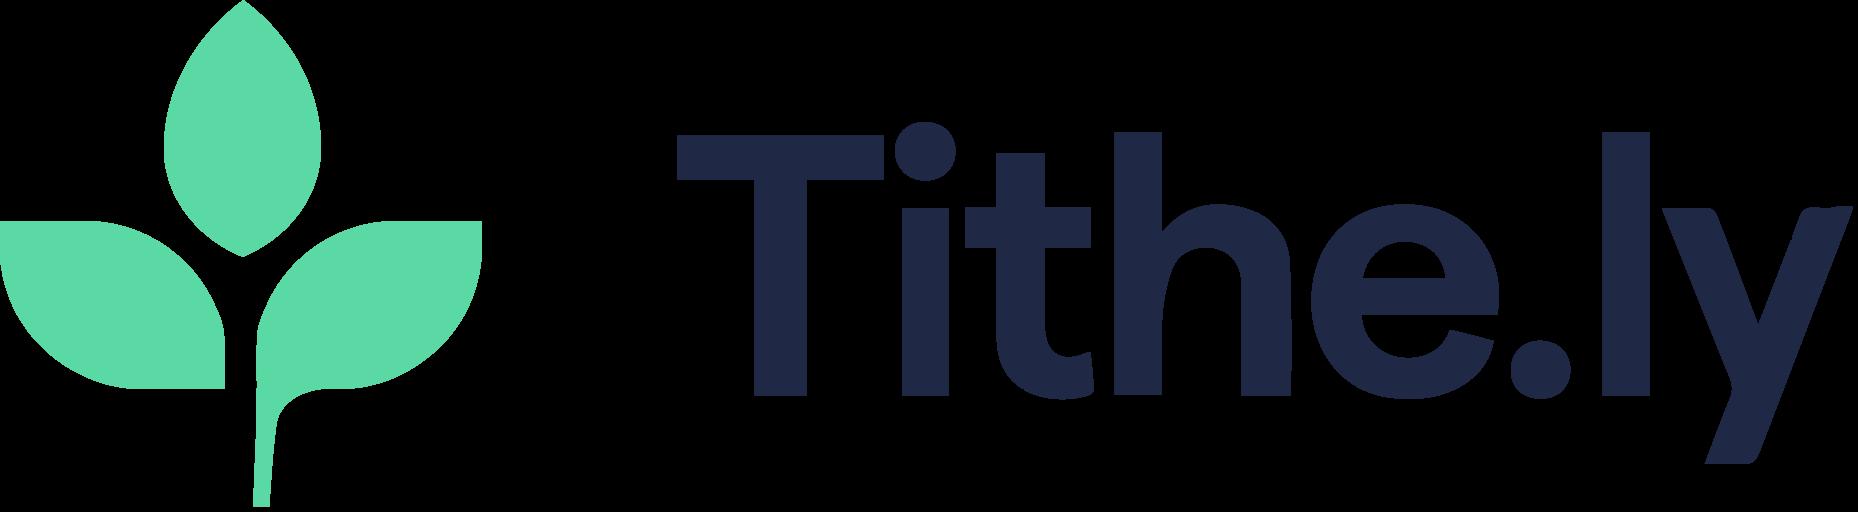 Tithely-Logomark-Color-Dark